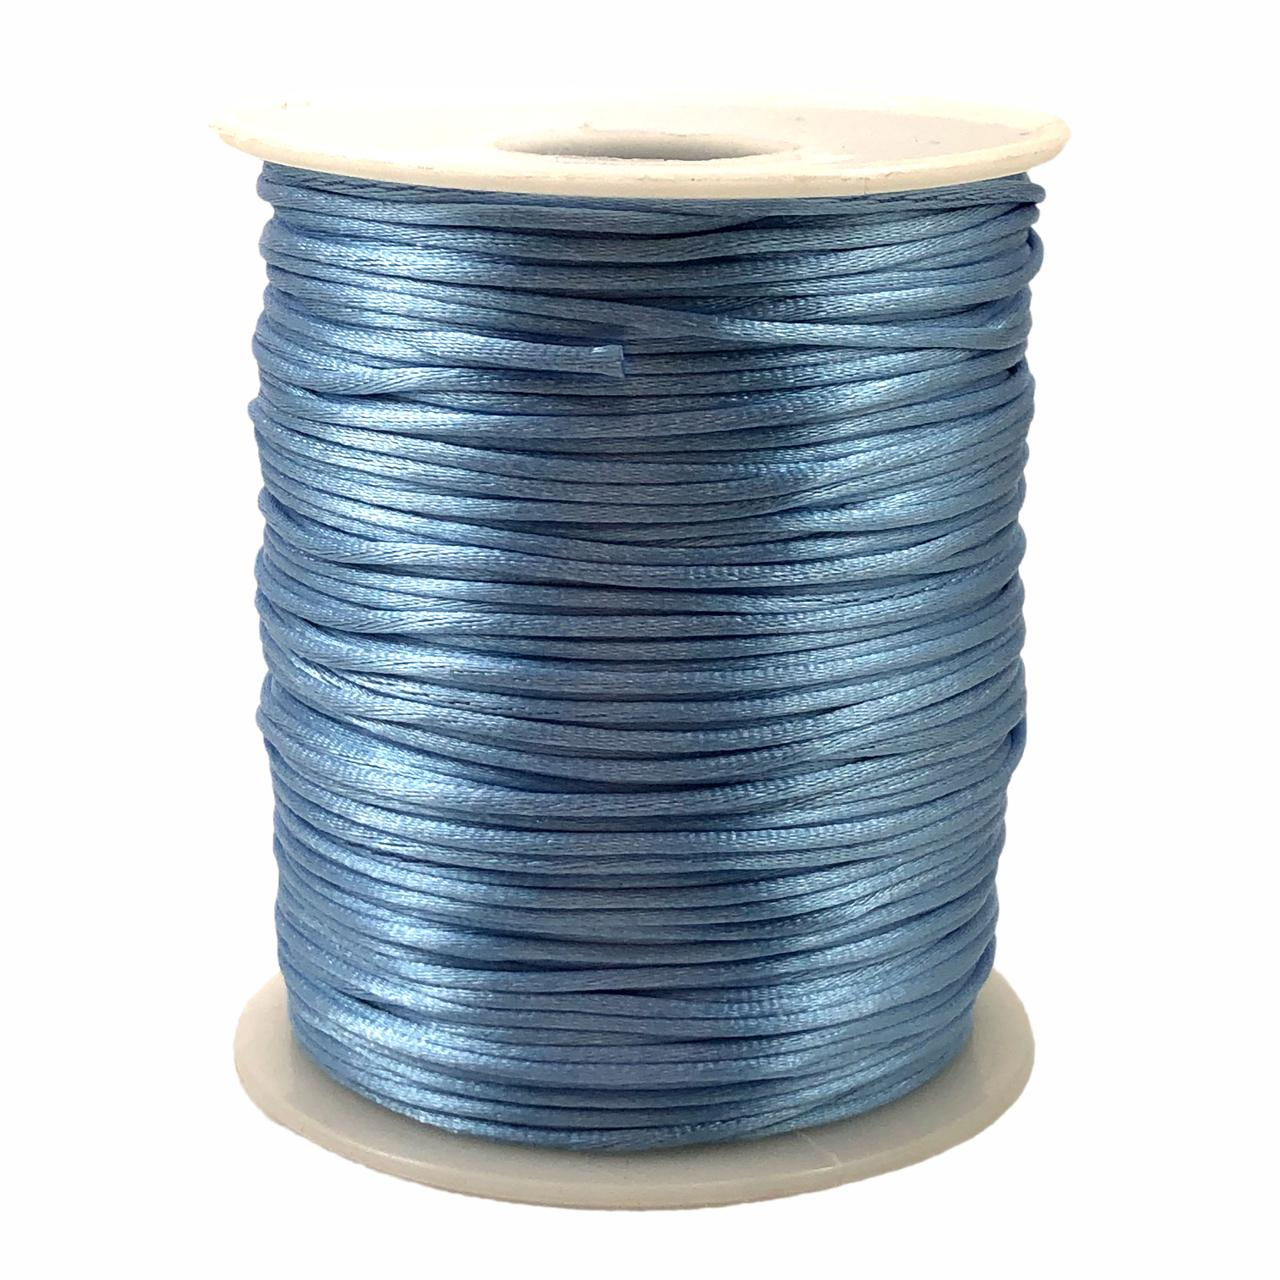 FS56 - Fio de Seda 1mm Azul Claro - 5metros